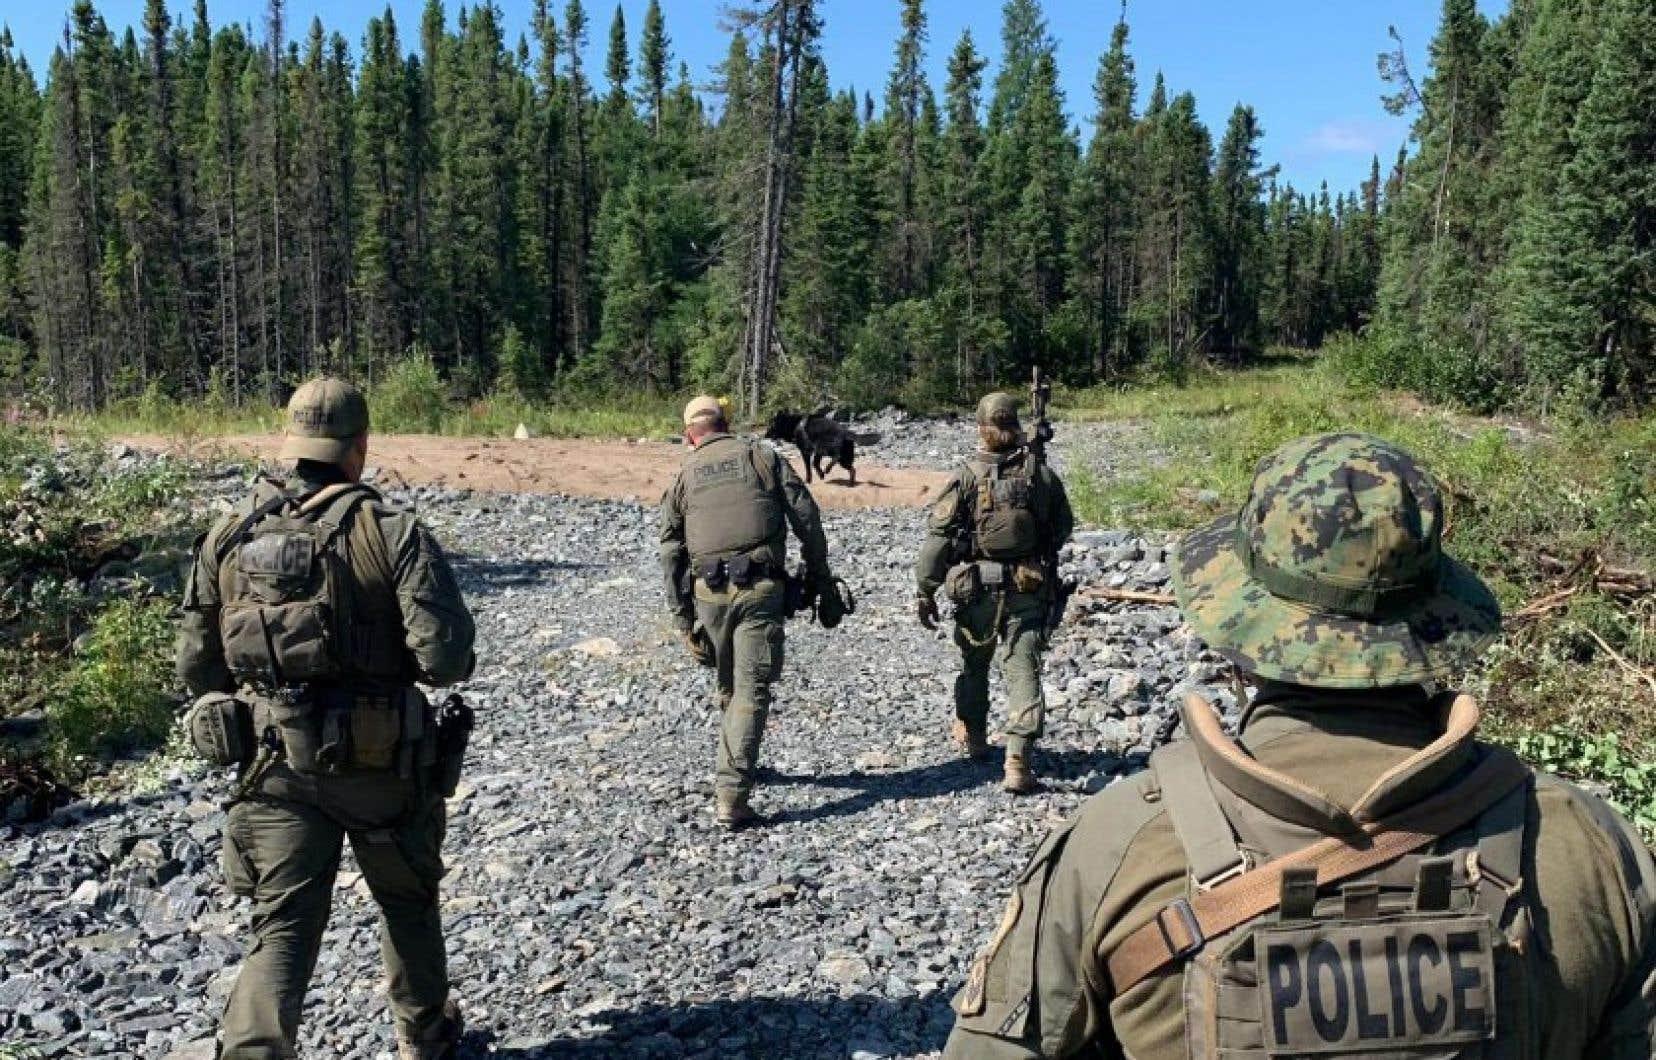 <p>Six agents avaient terminé les fouilles dans les environs de Gillam, dans le nord du Manitoba, non loin d'où les corps de Kam McLeod et Bryer Schmegelsky auraient été retrouvés mercredi.</p>